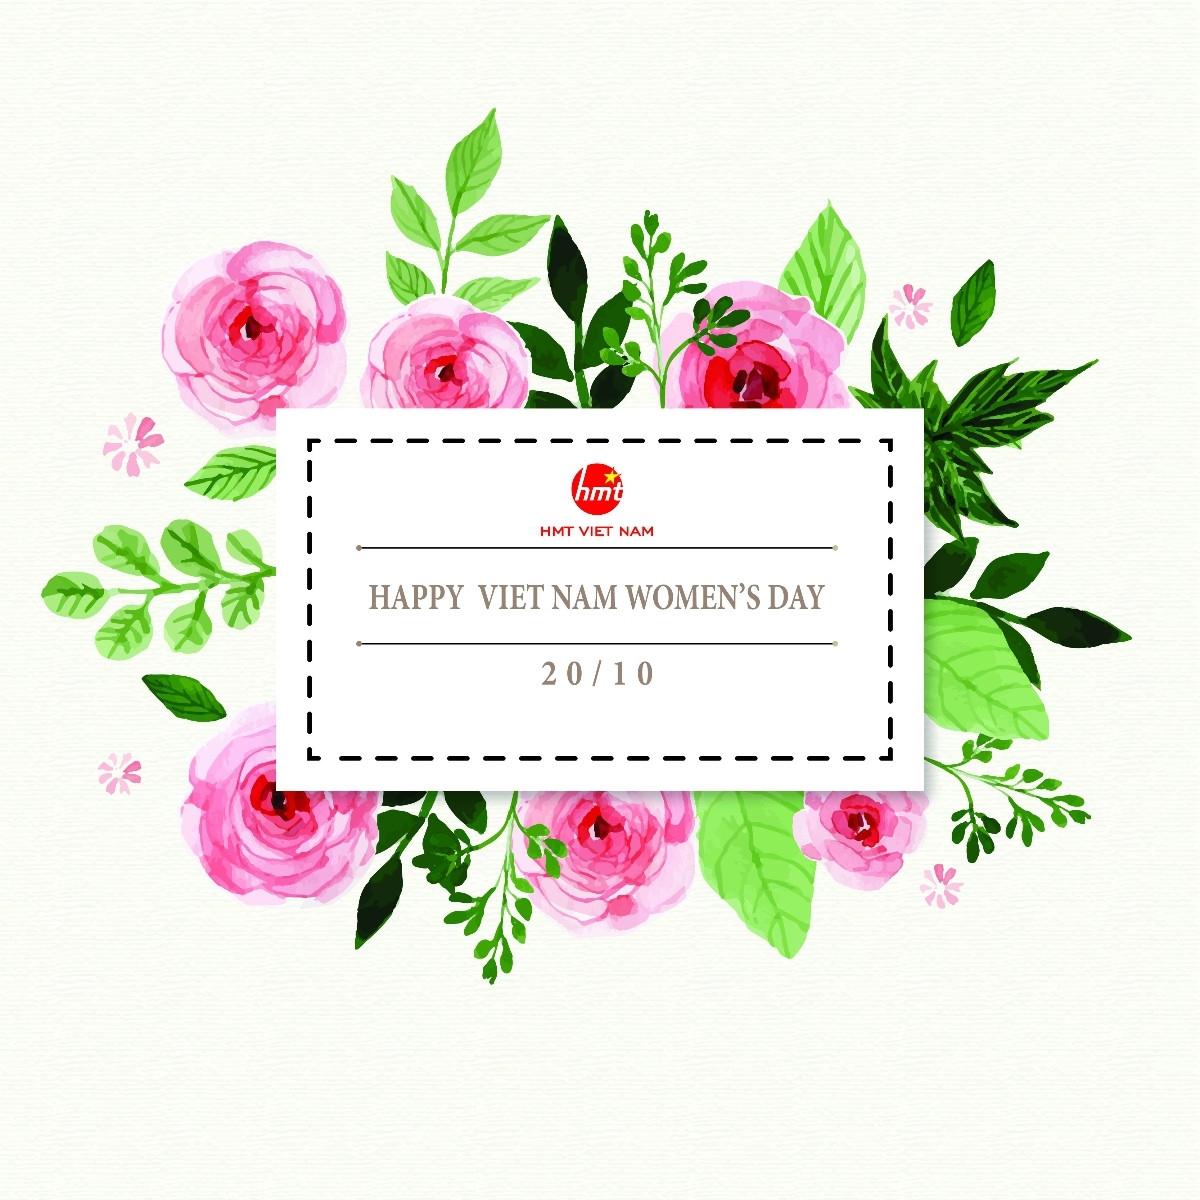 Chào mừng ngày Phụ Nữ Việt Nam 20-10